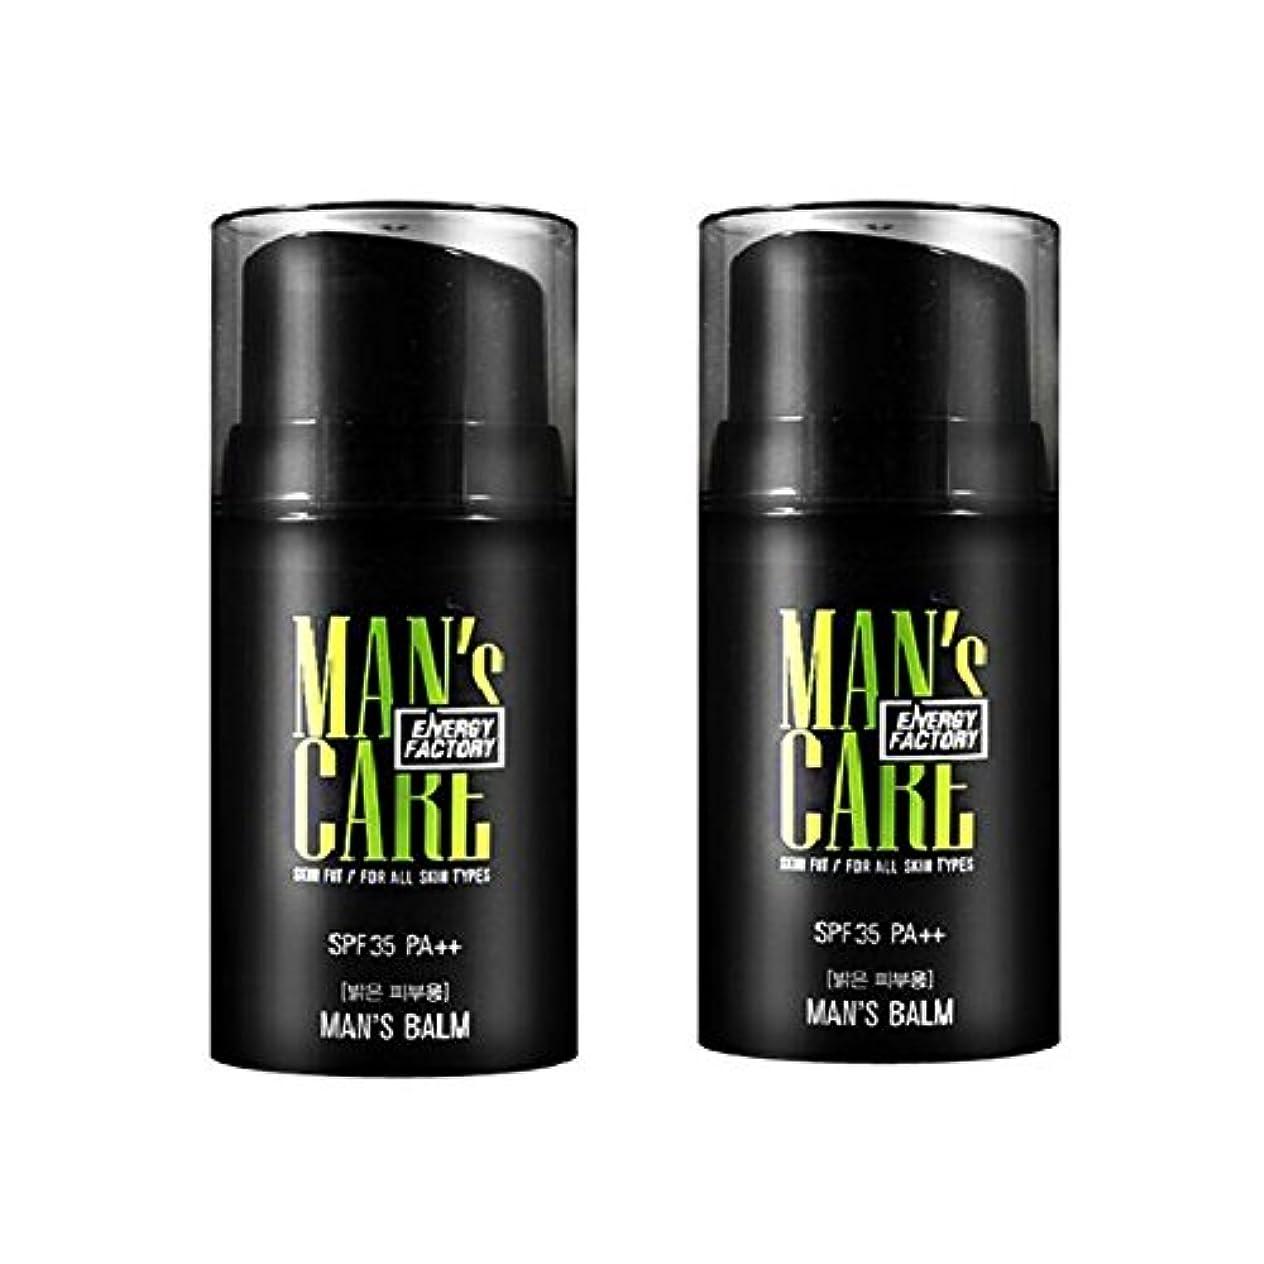 二チチカカ湖寝るメンズケアエネルギーファクトリースキンフィット?マンズ?Balm 50ml x 2本セット(明るい肌用、暗い肌用) メンズコスメ、Man's Care Energy Factory Skin Fit Man's Balm...